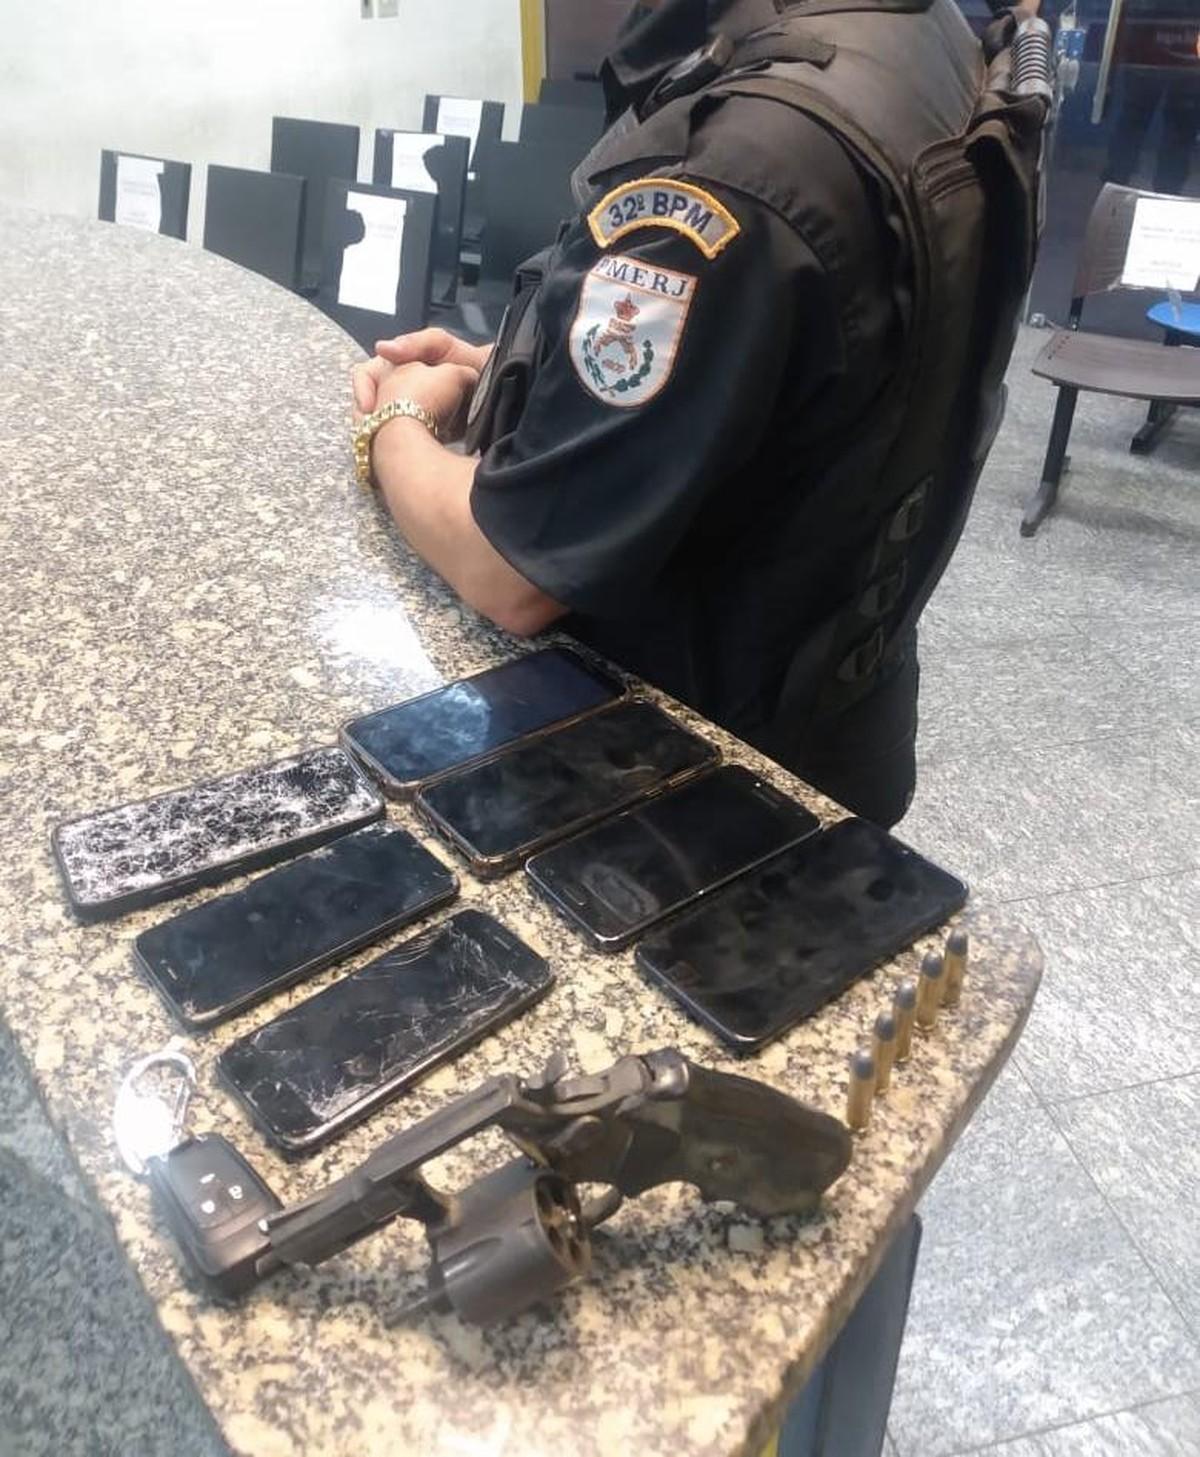 Cinco homens são presos suspeitos de roubos de celulares em Carapebus; 7 aparelhos foram recuperados